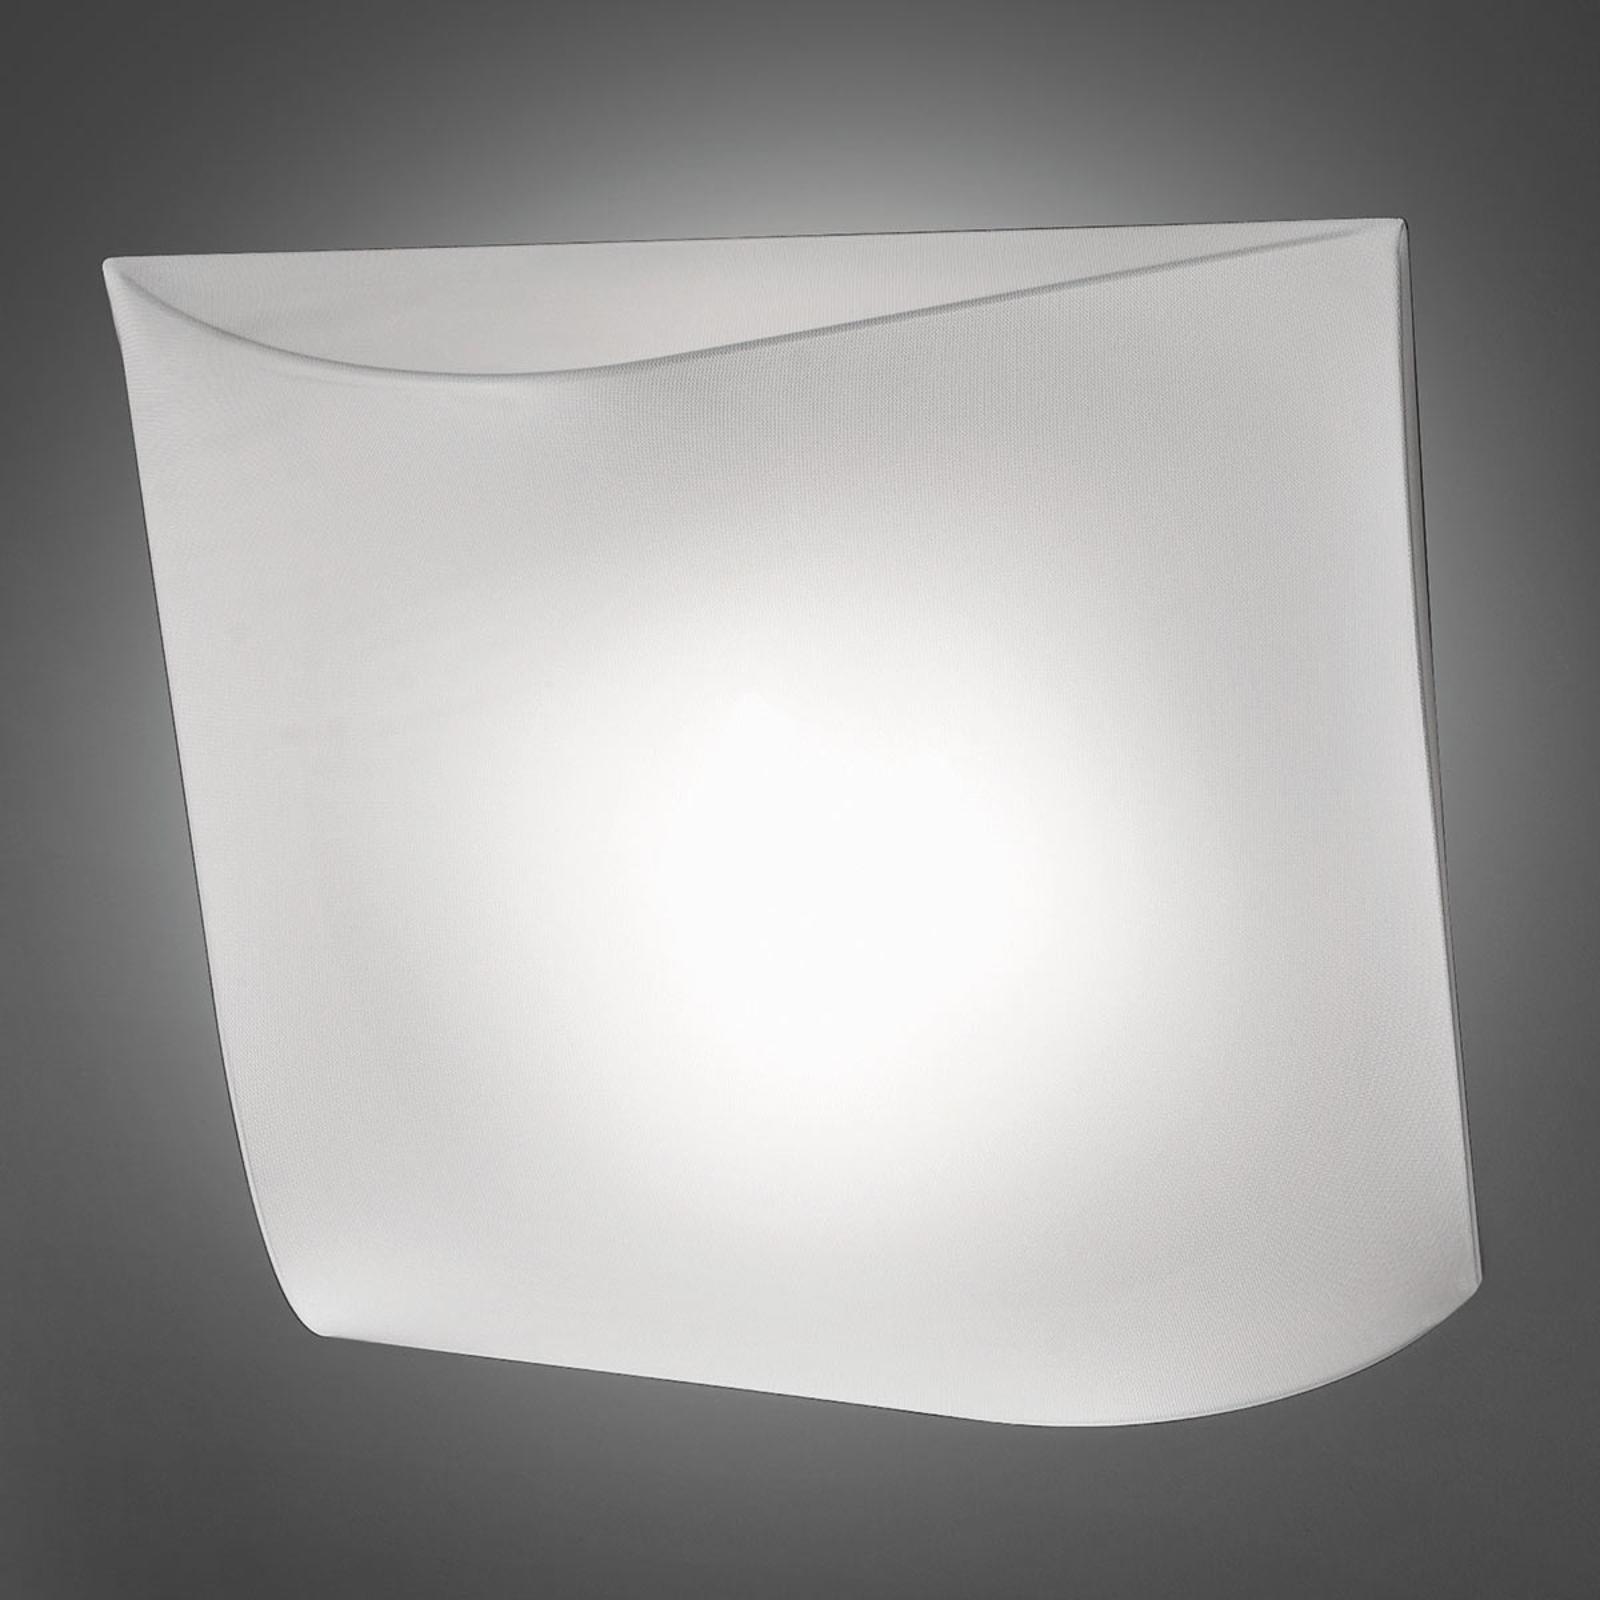 Axolight Stormy lampa sufitowa biała 100 cm